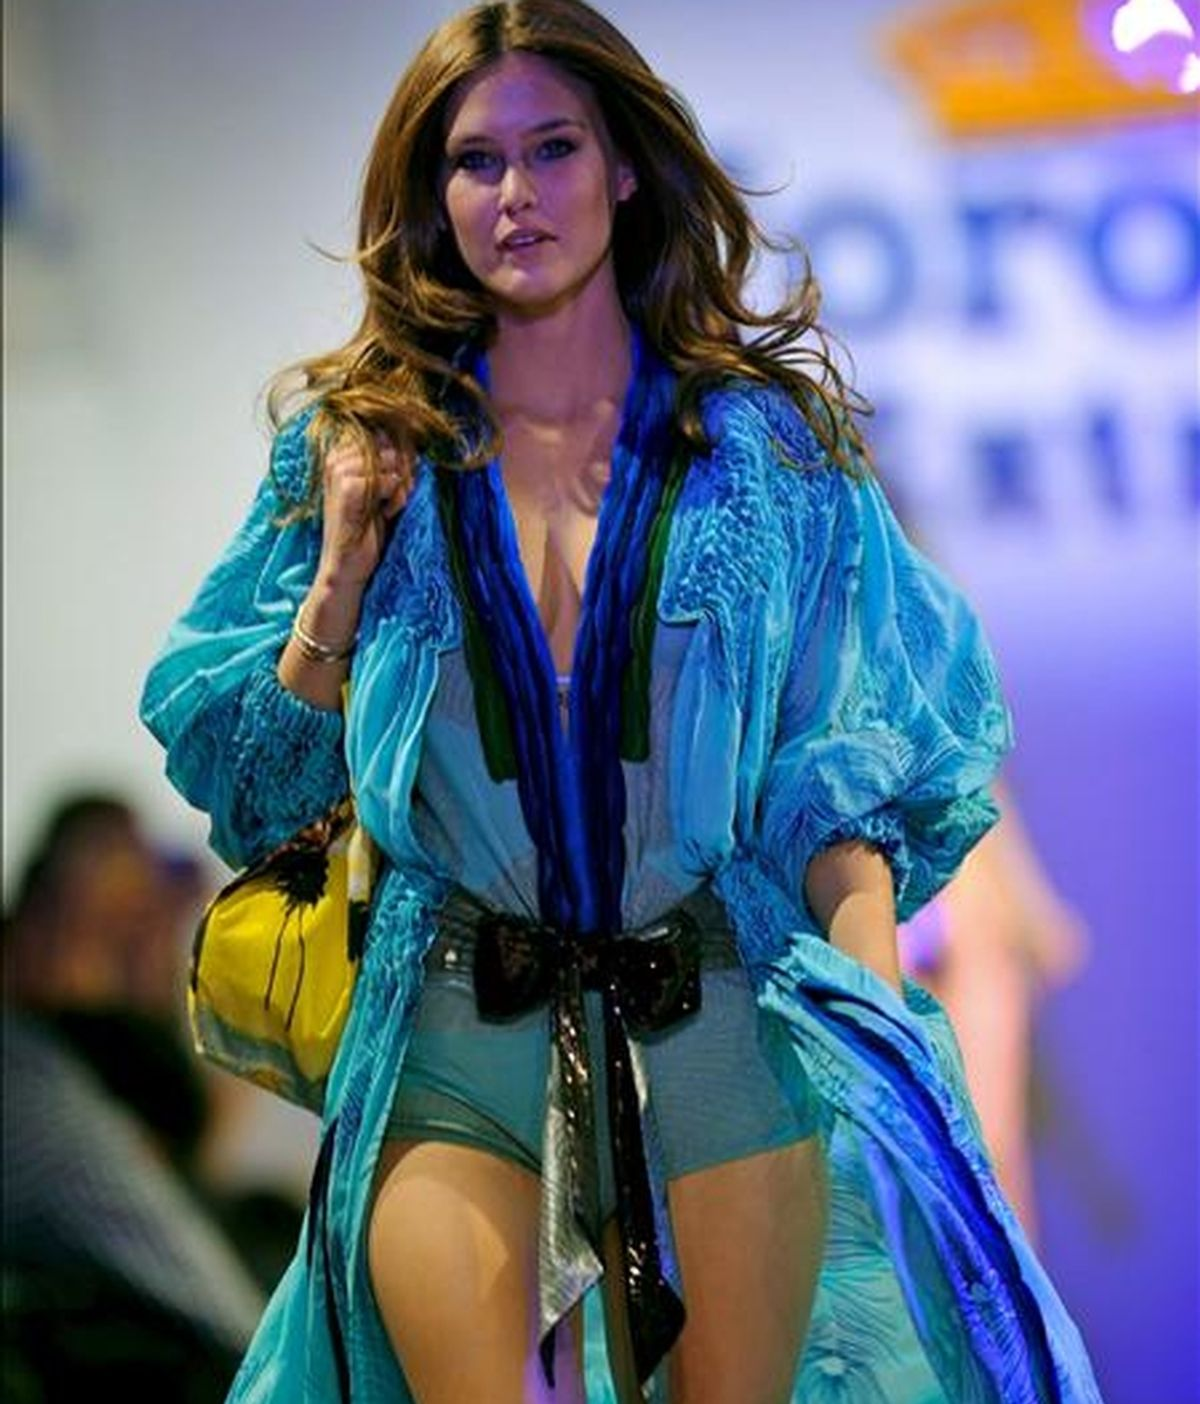 La modelo israelí Bar Refaeli es una de las mejor pagadas de la industria de la moda. Foto The huffingtonpost.com